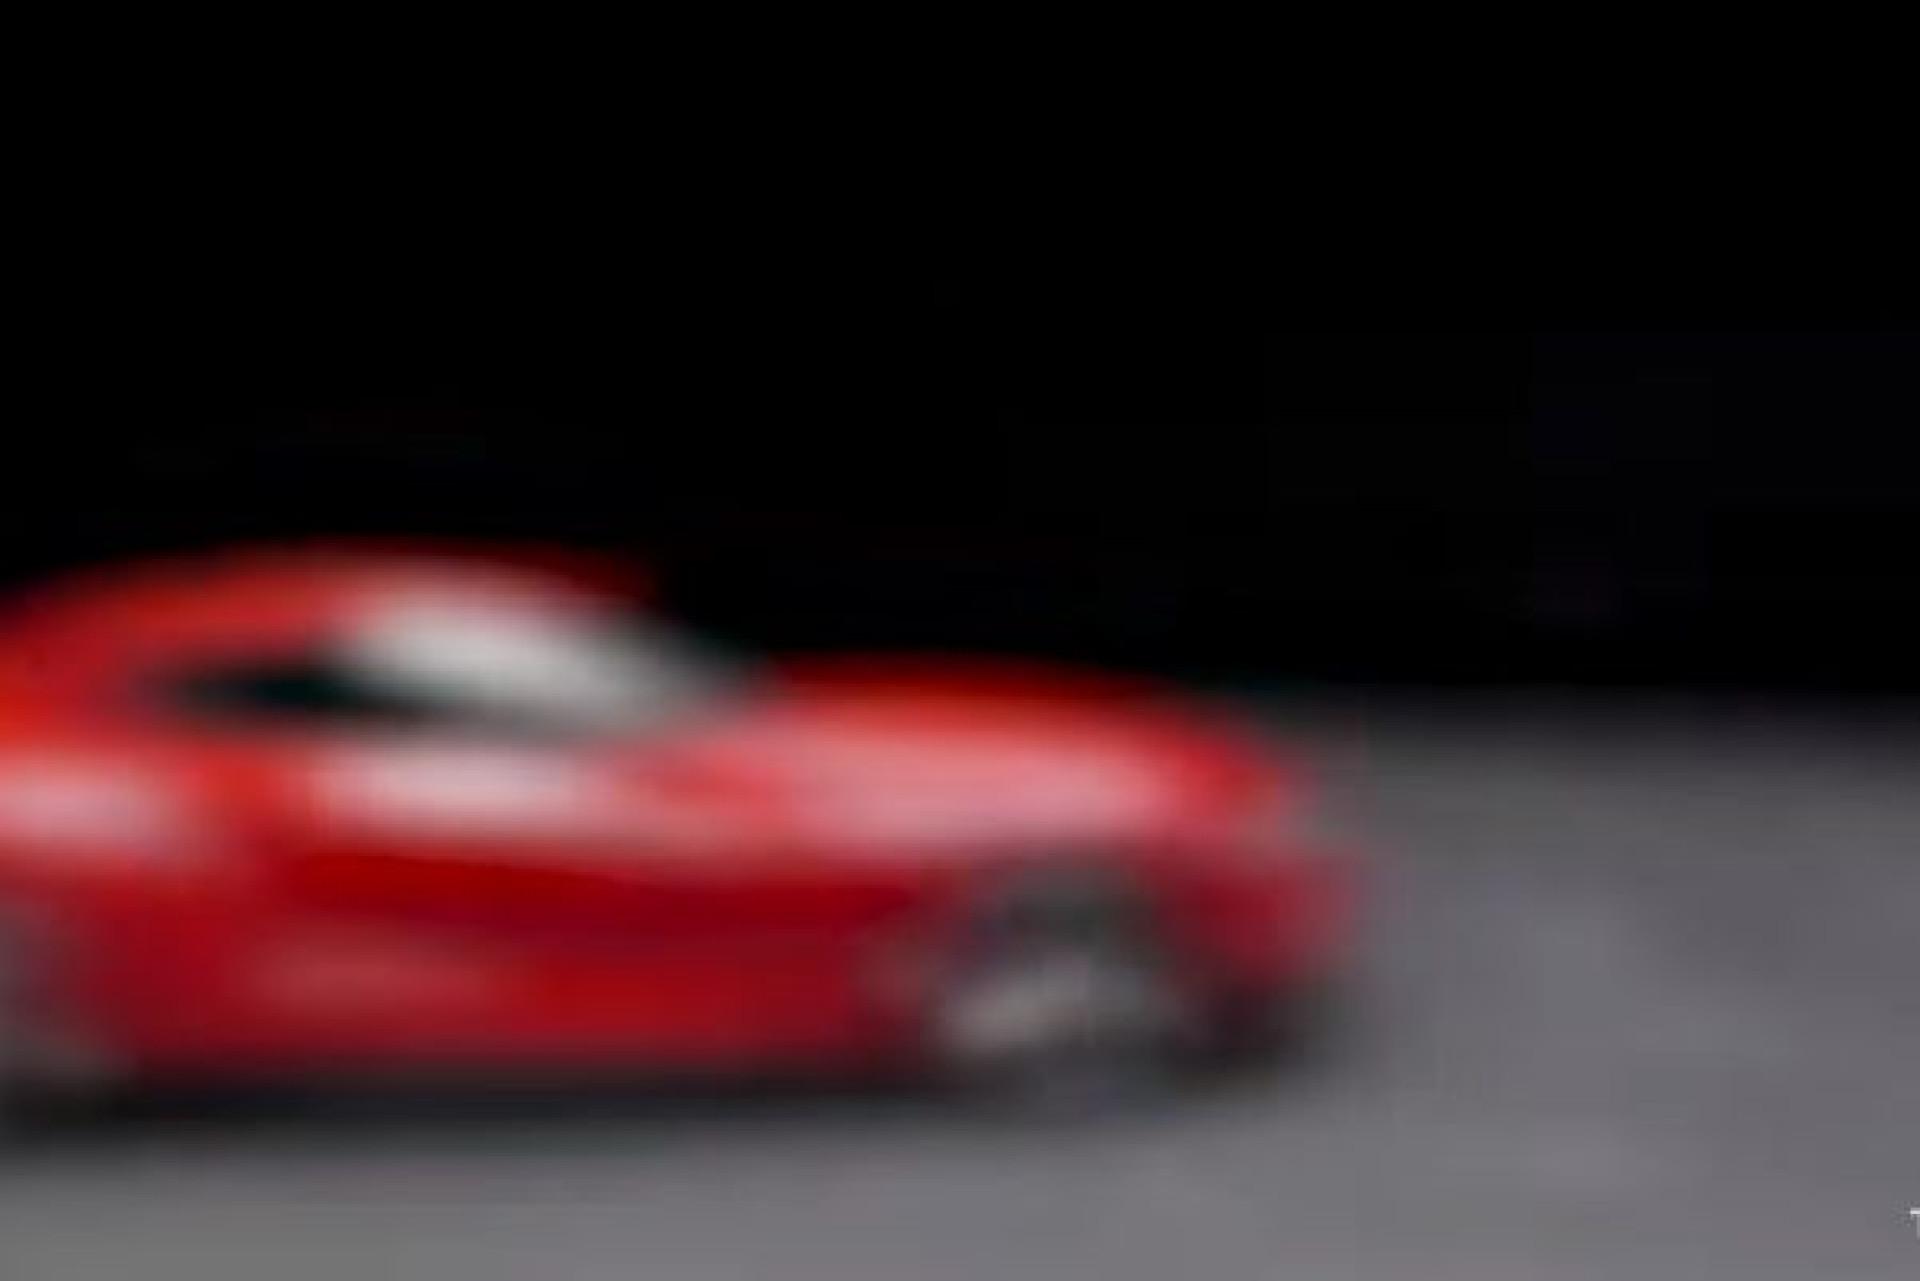 O 'ronco' do novo Toyota Supra é pura poesia